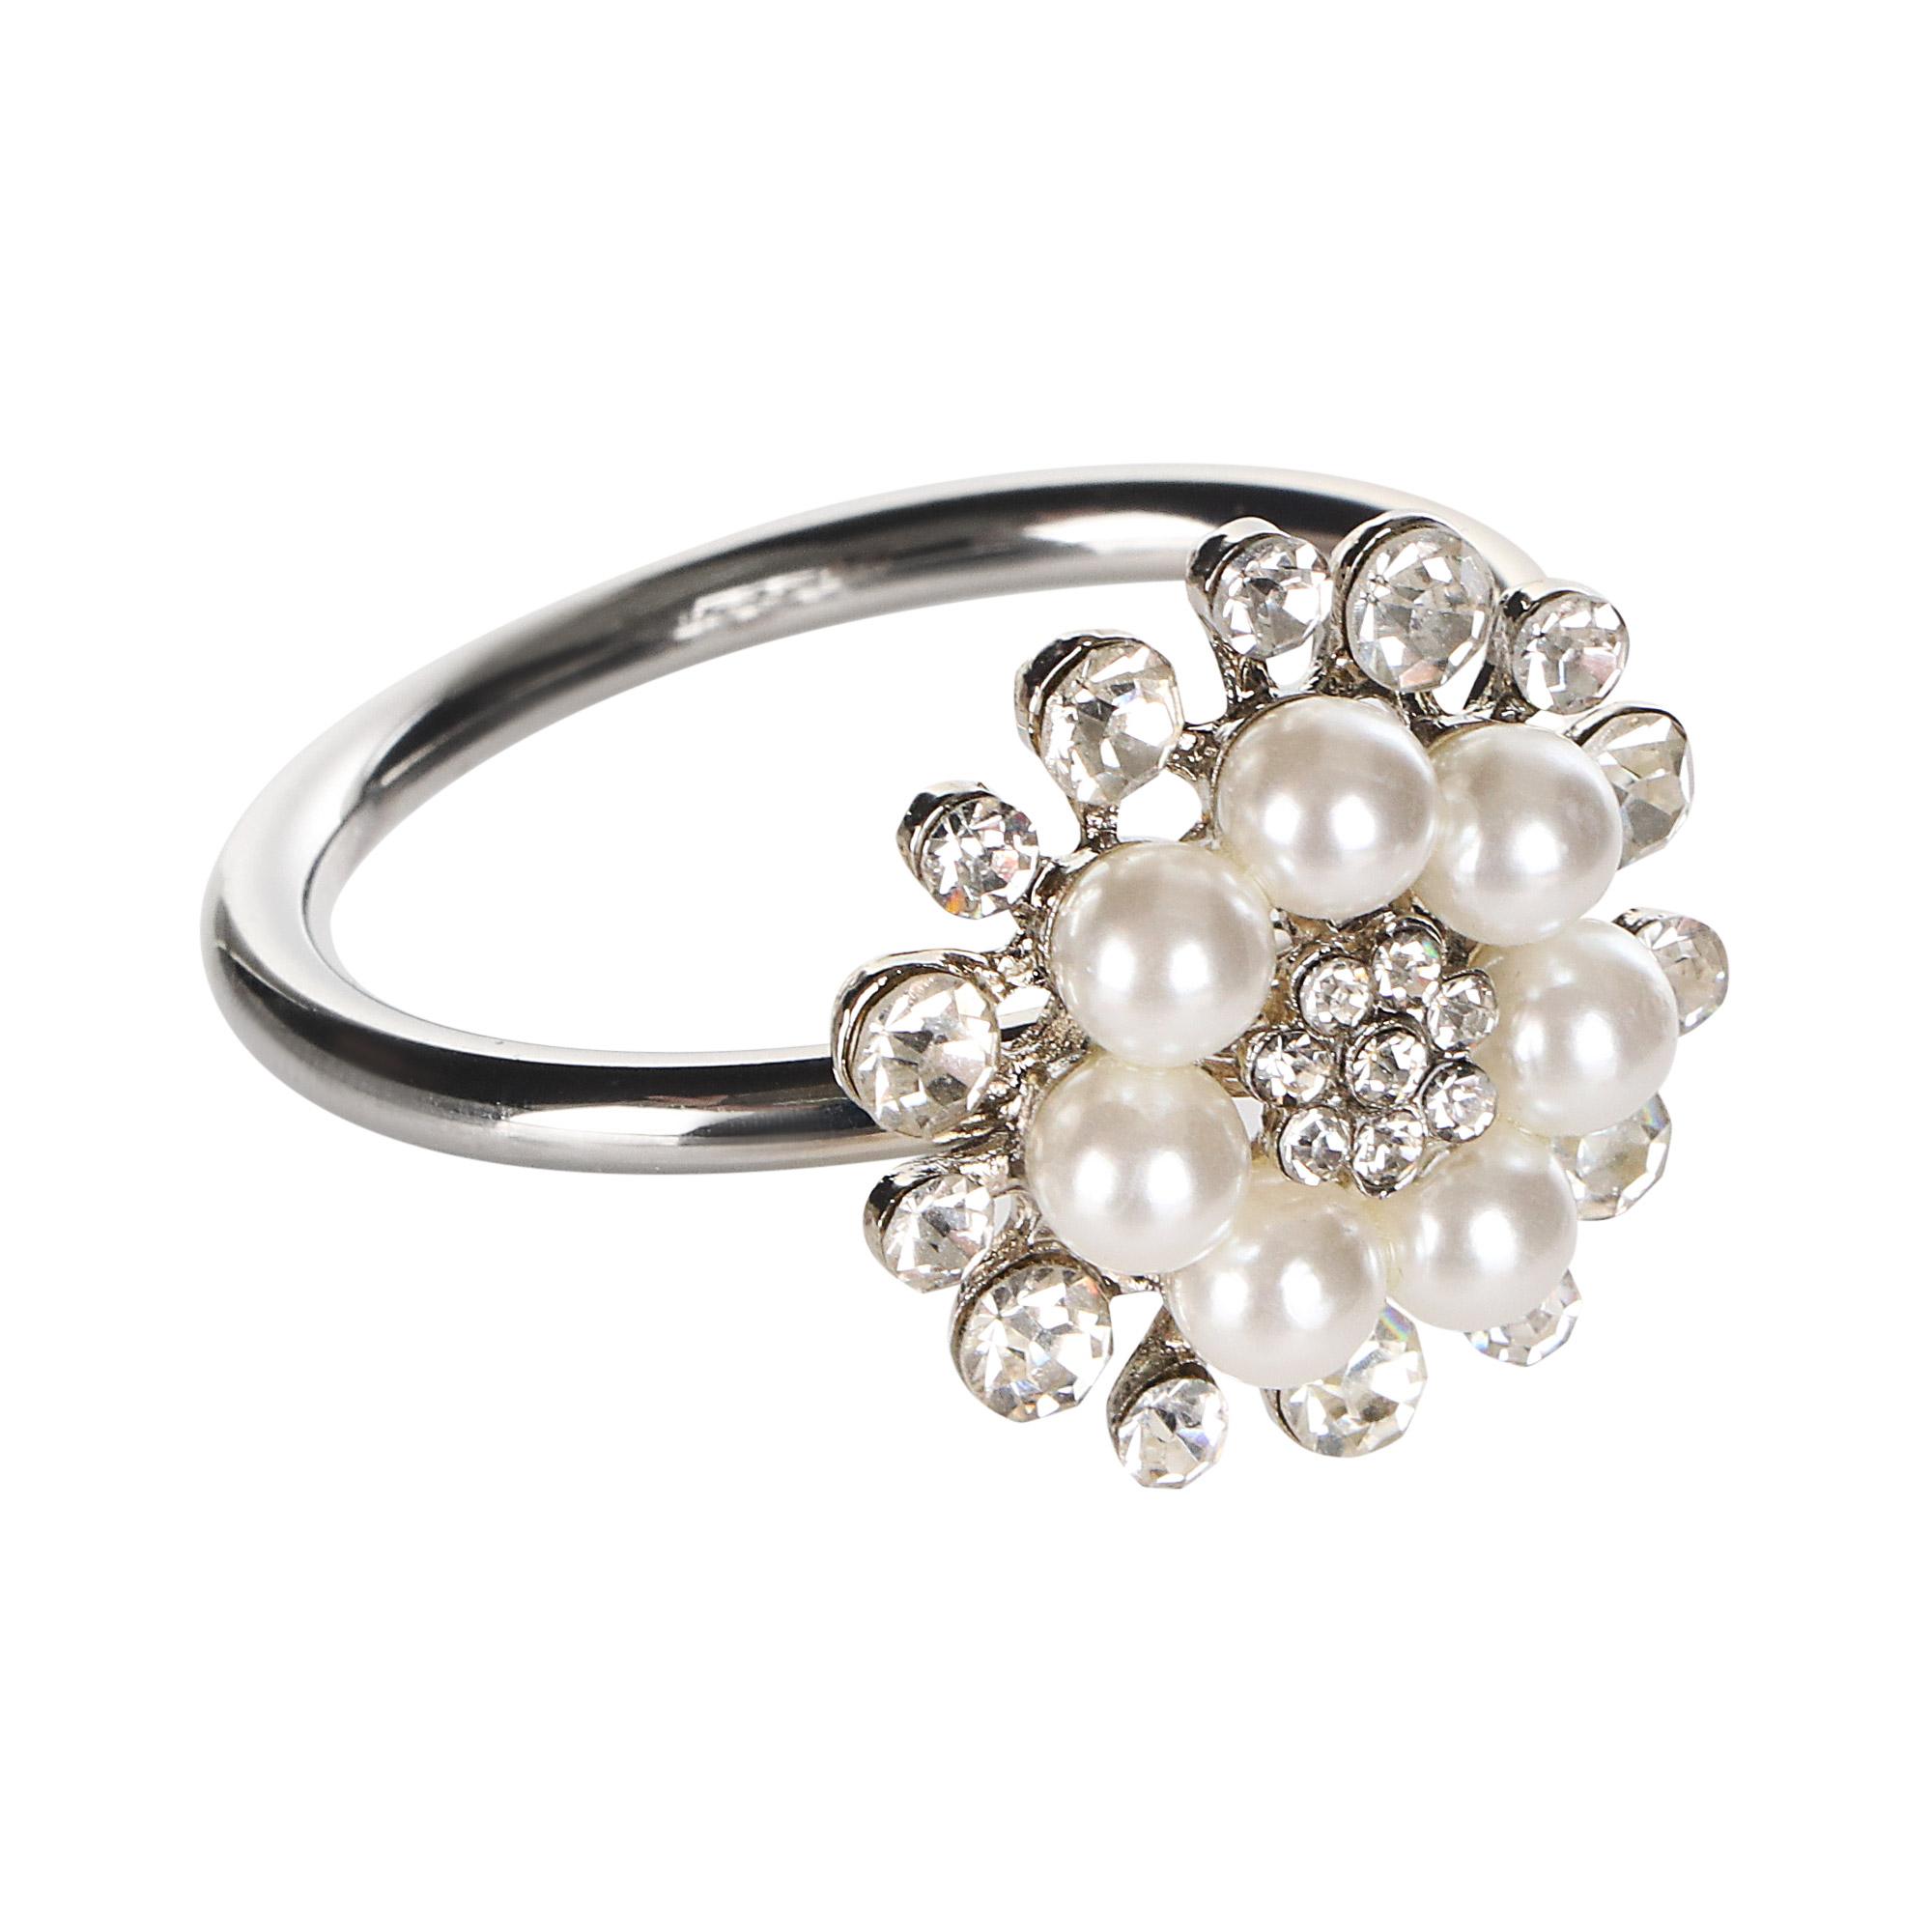 Кольцо декоративная для салфетки Goodwill deco 5см кольцо декоративная для салфетки goodwill deco 5см